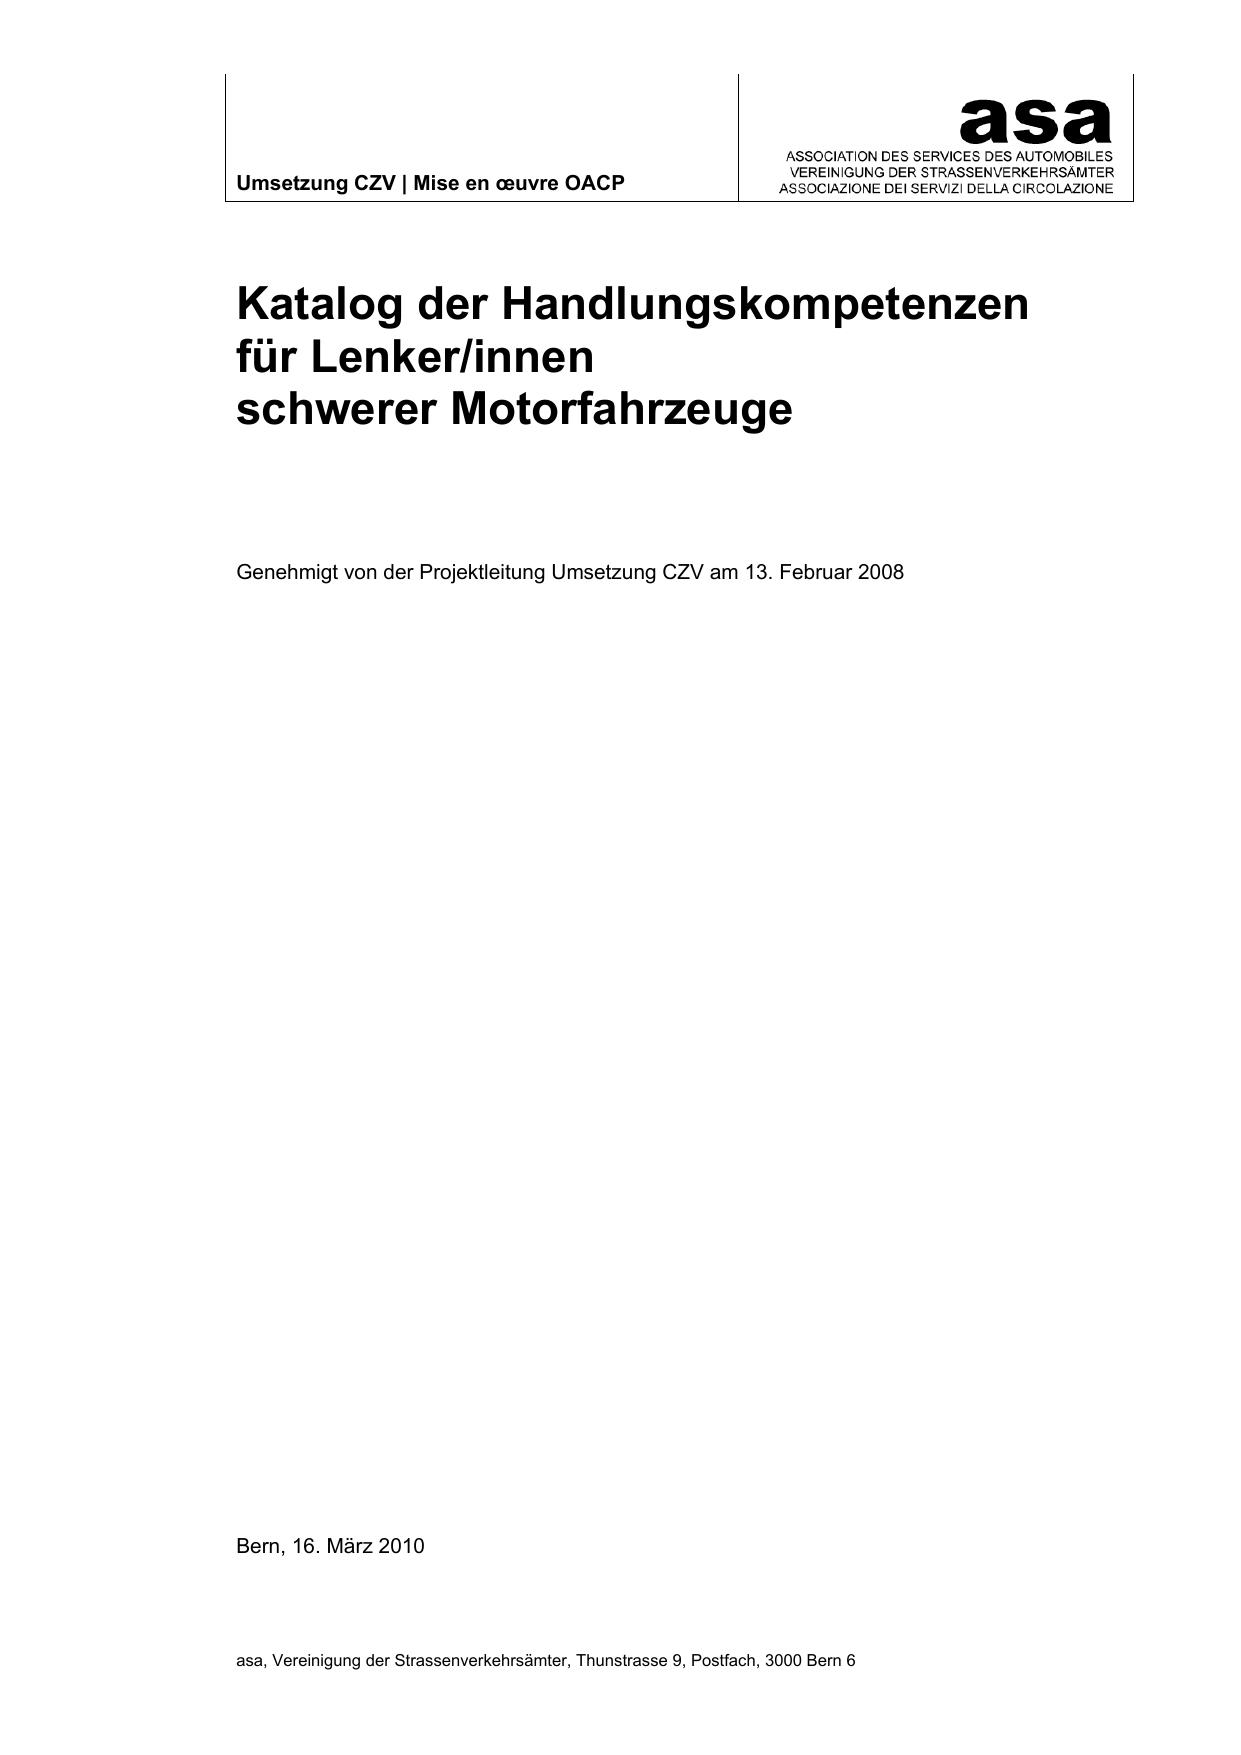 Katalog der Handlungskompetenzen | manualzz.com